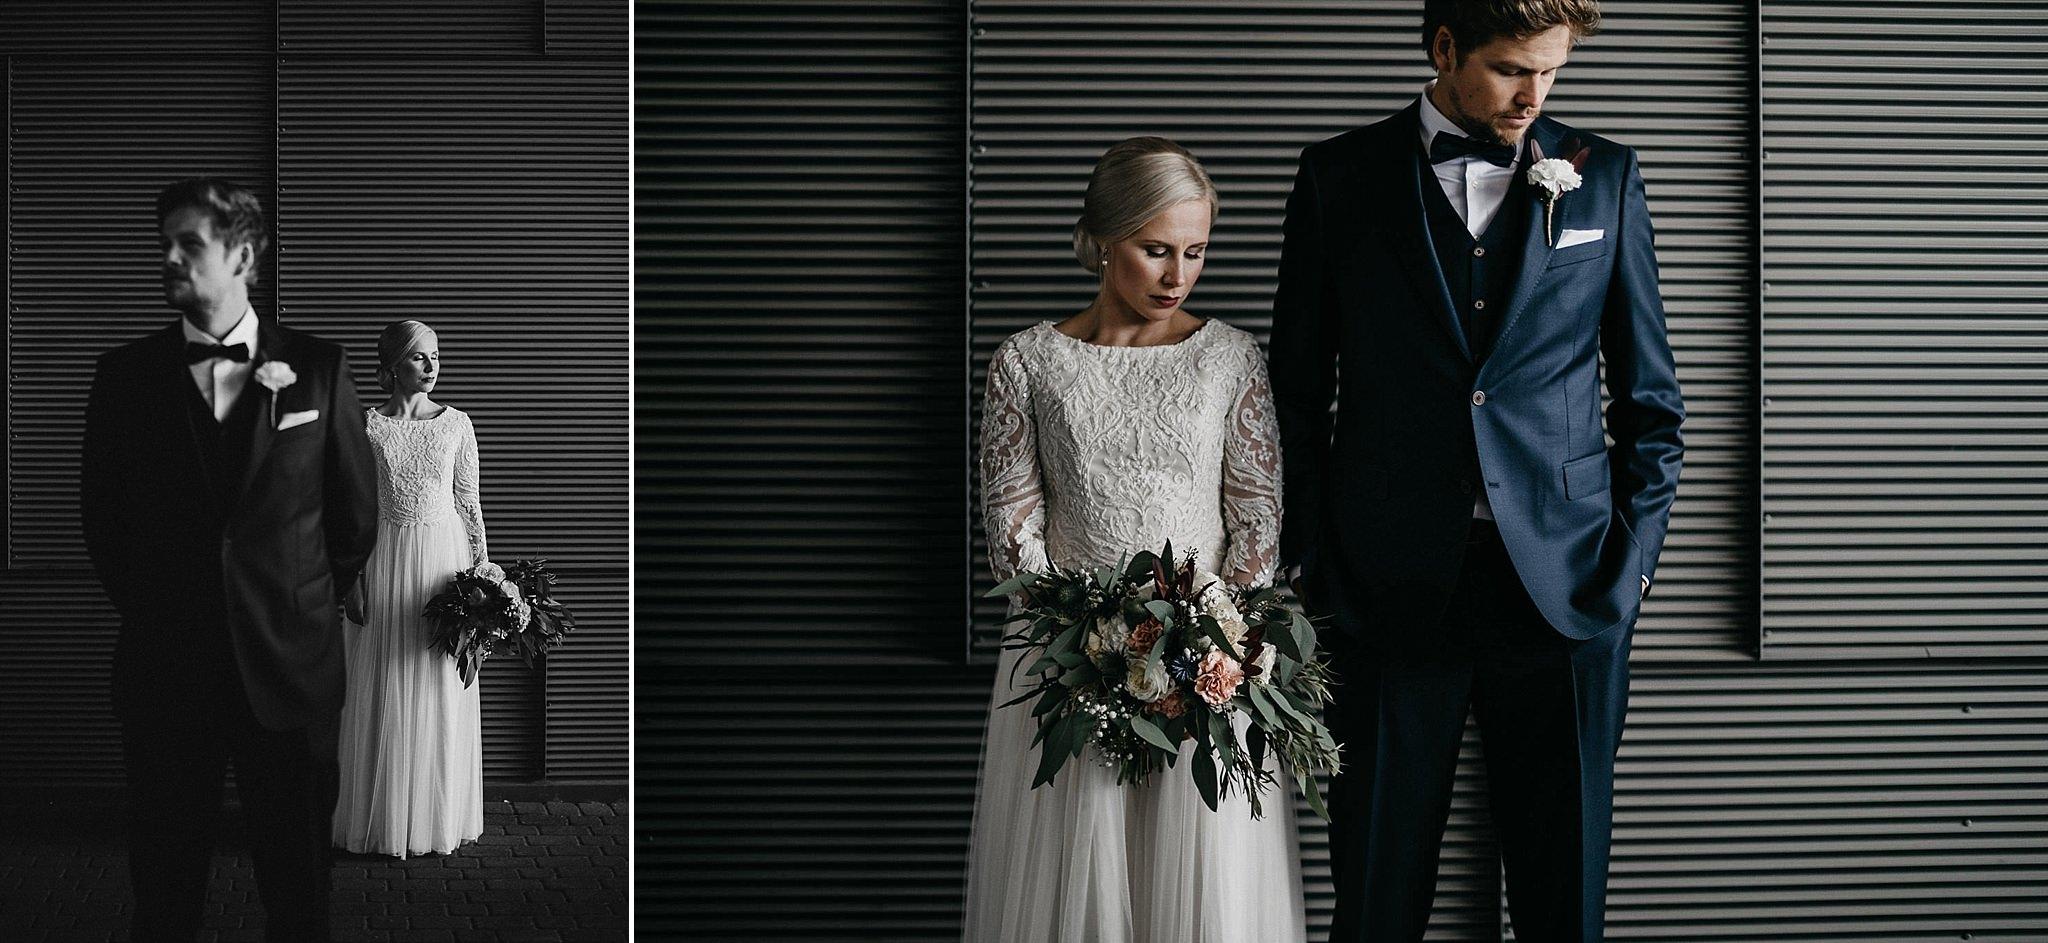 Haakuvaus_wedding_jyvaskyla_muurame_tuomiston_tila_0097.jpg